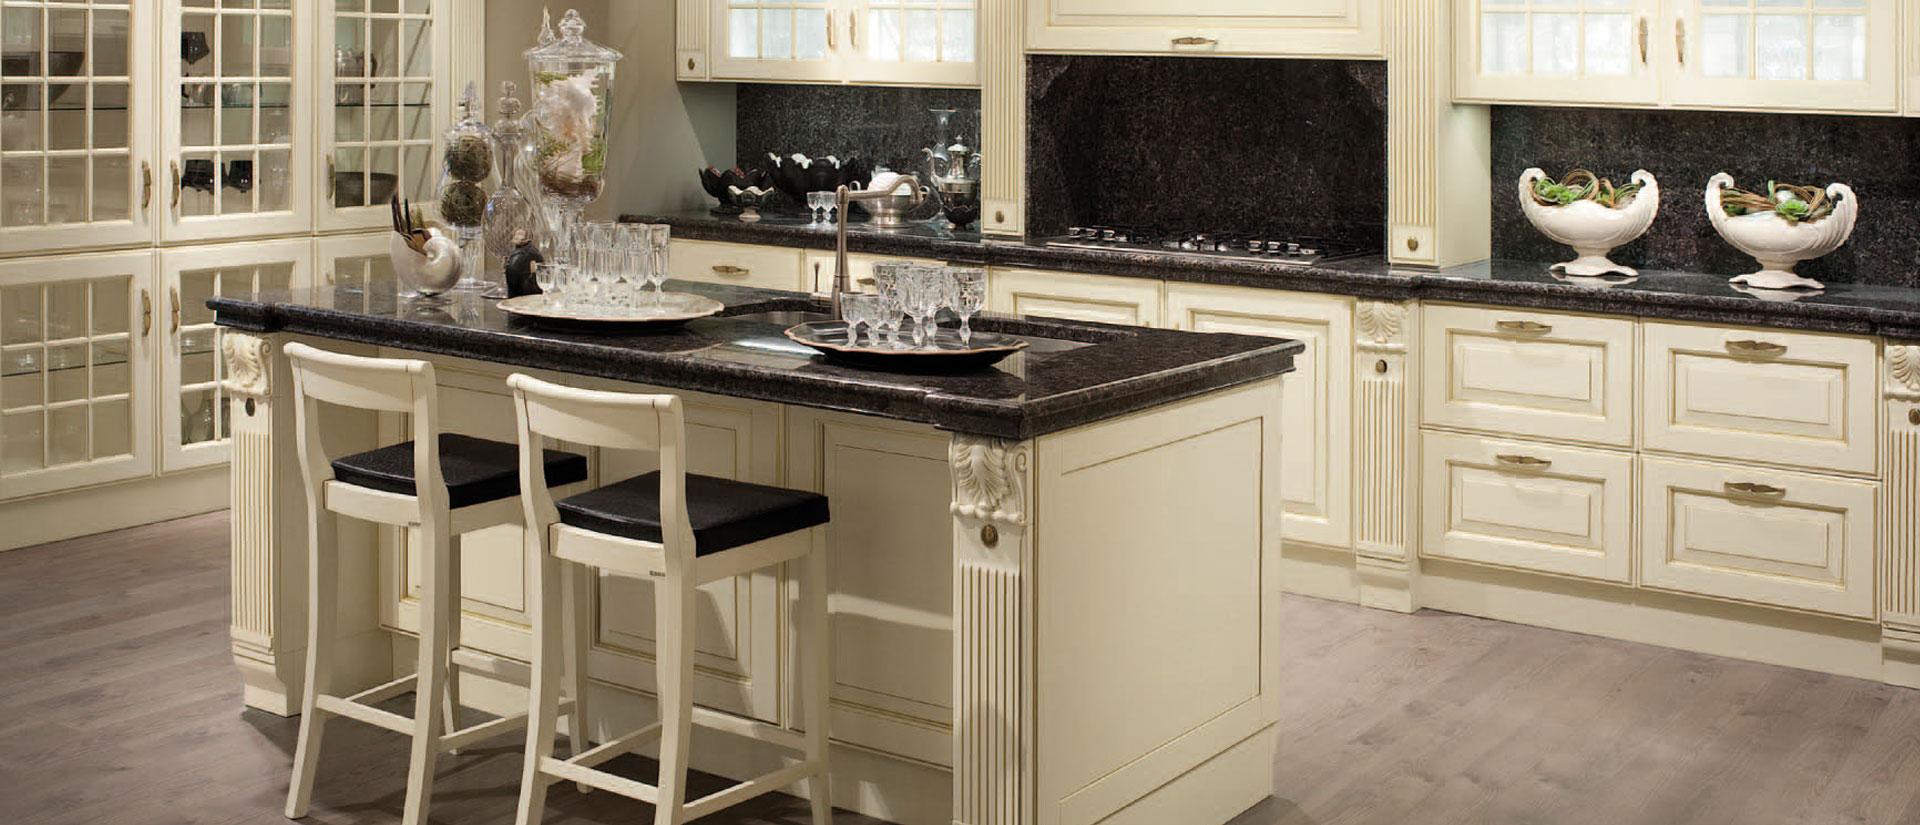 Cucina scavolini modello baltimora scheda approfondita for Cucina baltimora scavolini